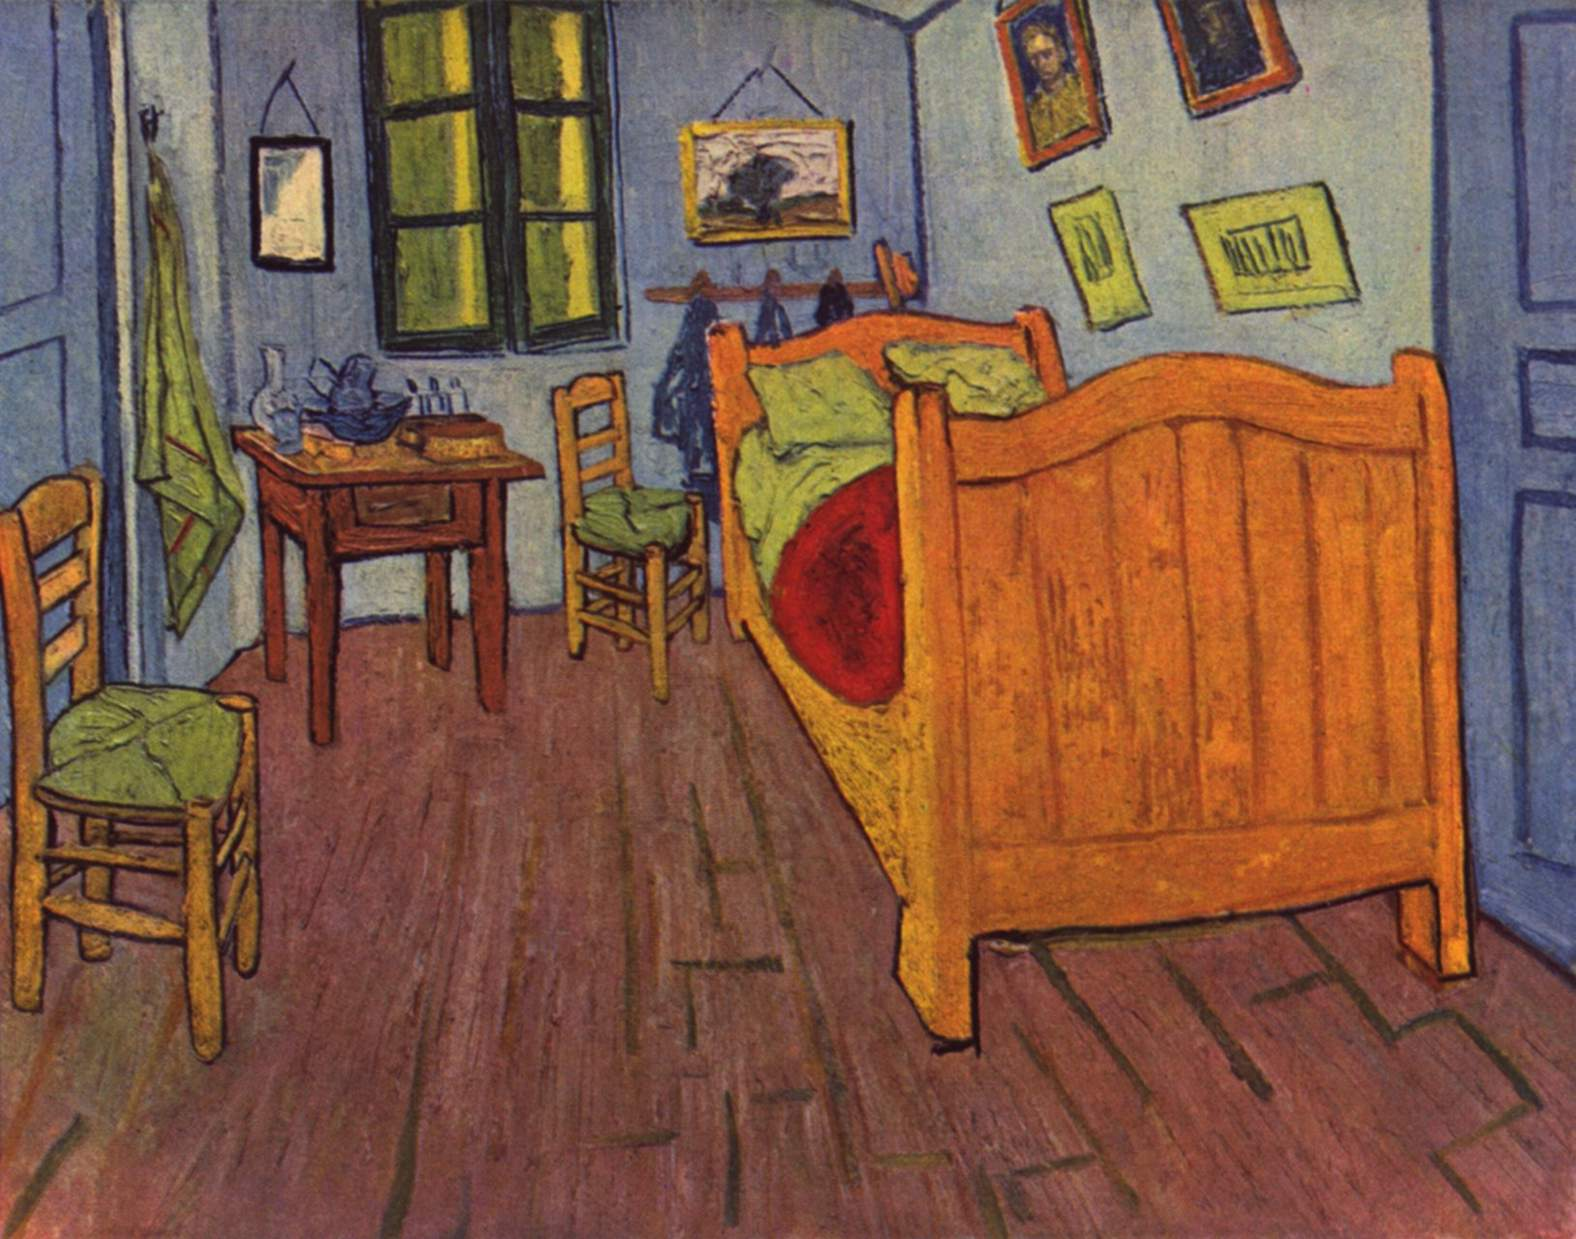 La camera da letto di van gogh ad arles i colori non sono quelli originali - Camera da letto van gogh ...